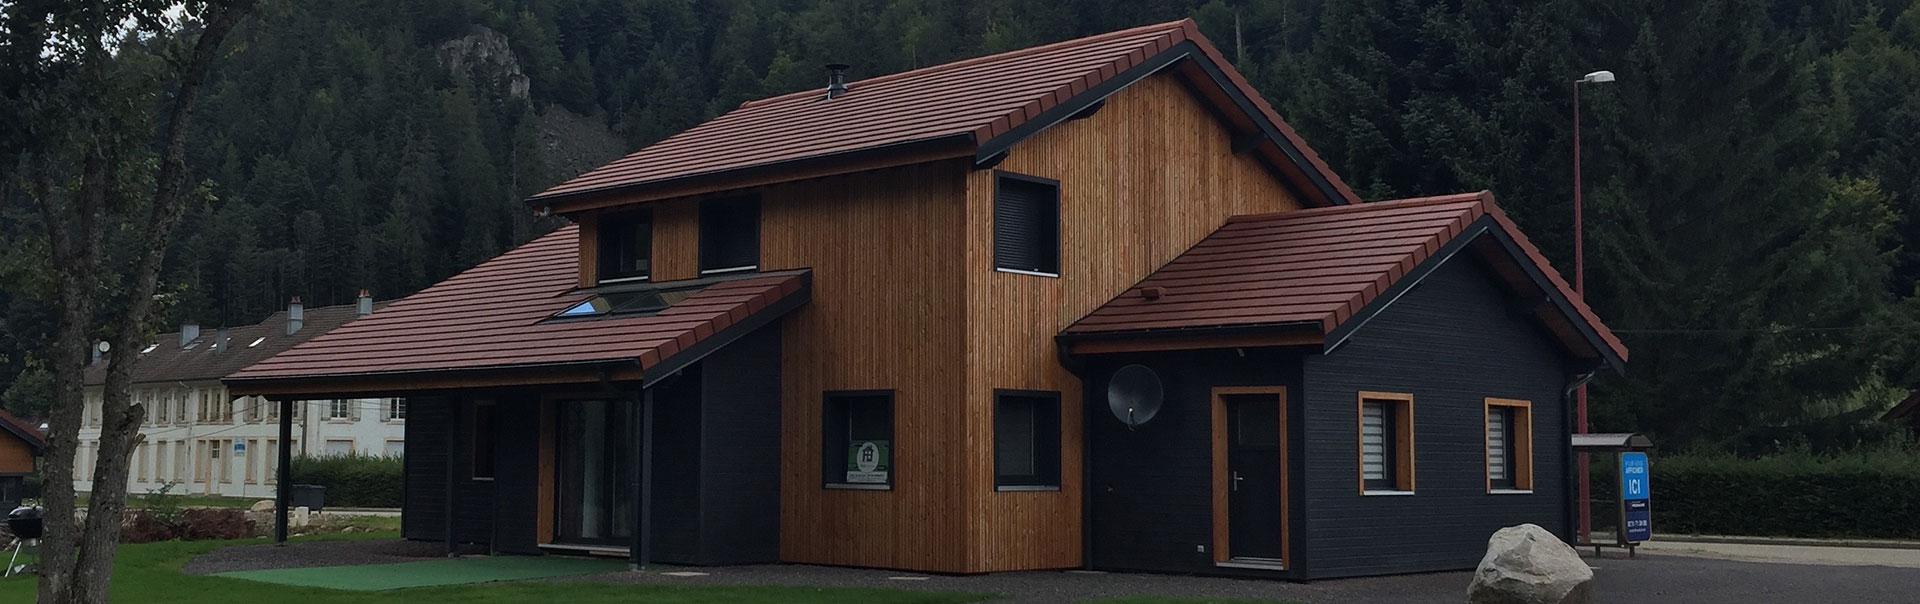 Maison Ossature Bois Vosges plus que pro